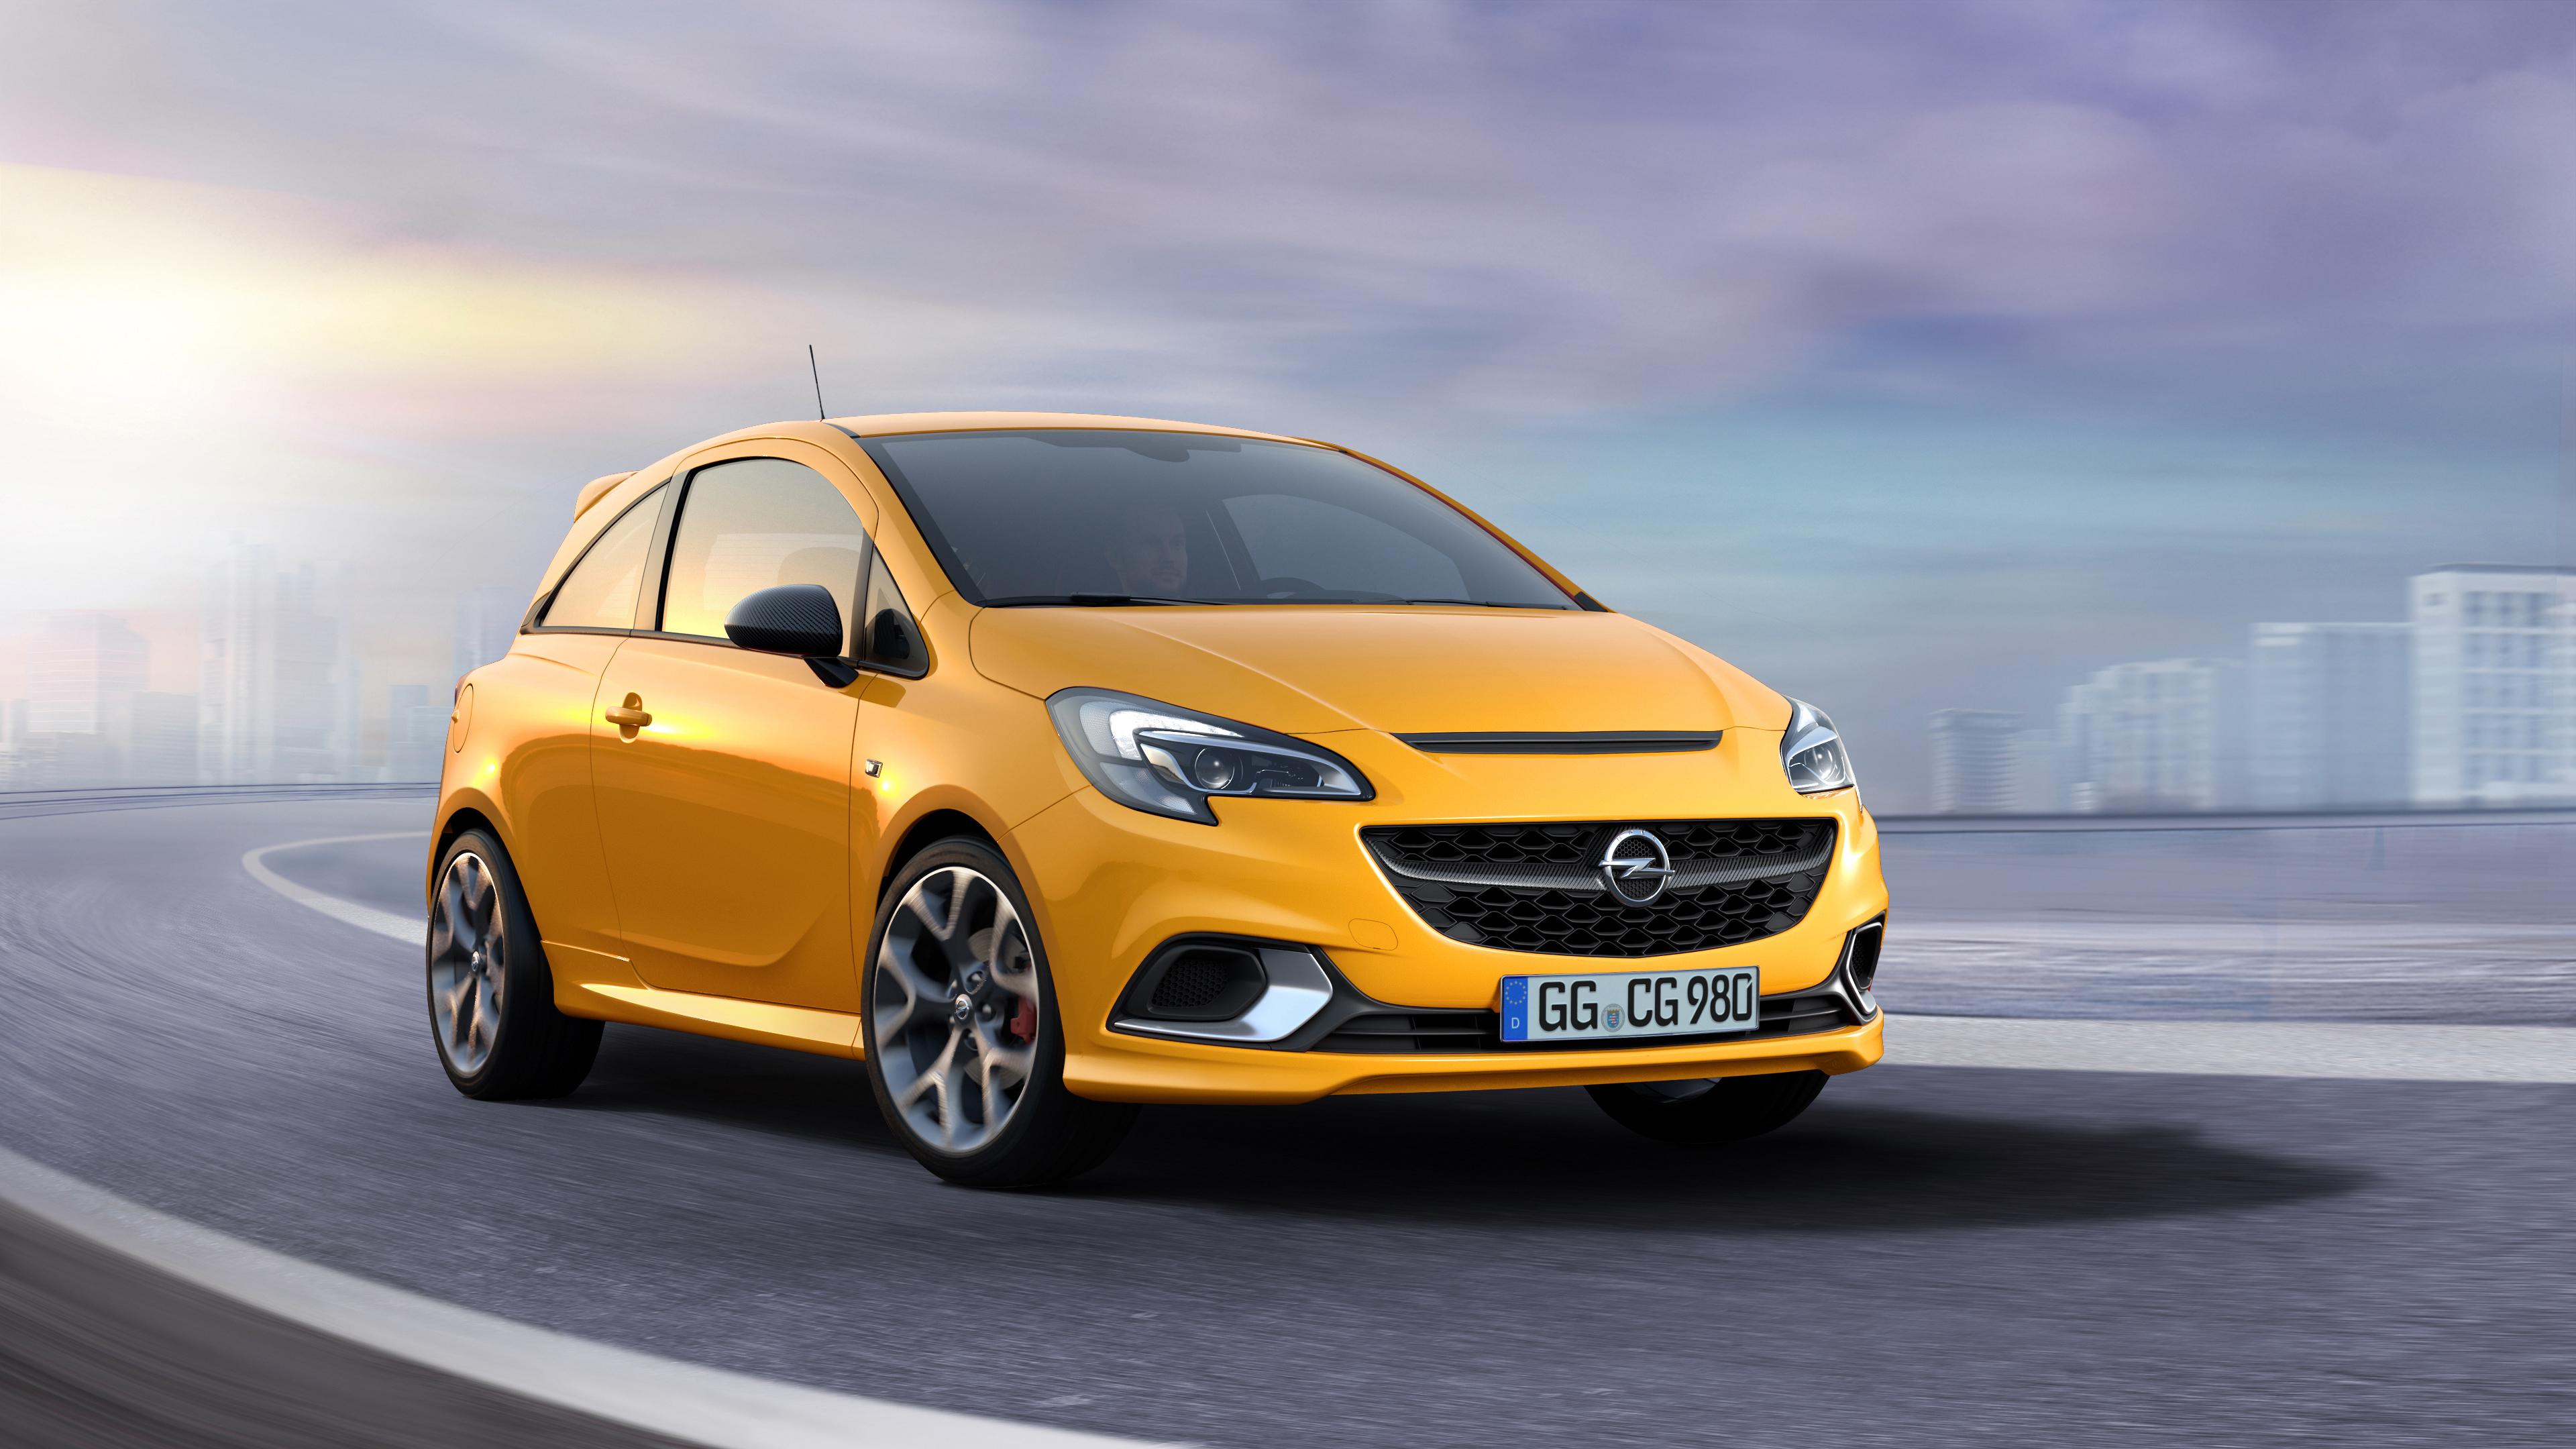 Noul Opel Corsa GSi este disponibil si in Romania. Hot-hatch-ul cu 150 de cai costa 16.650 de euro